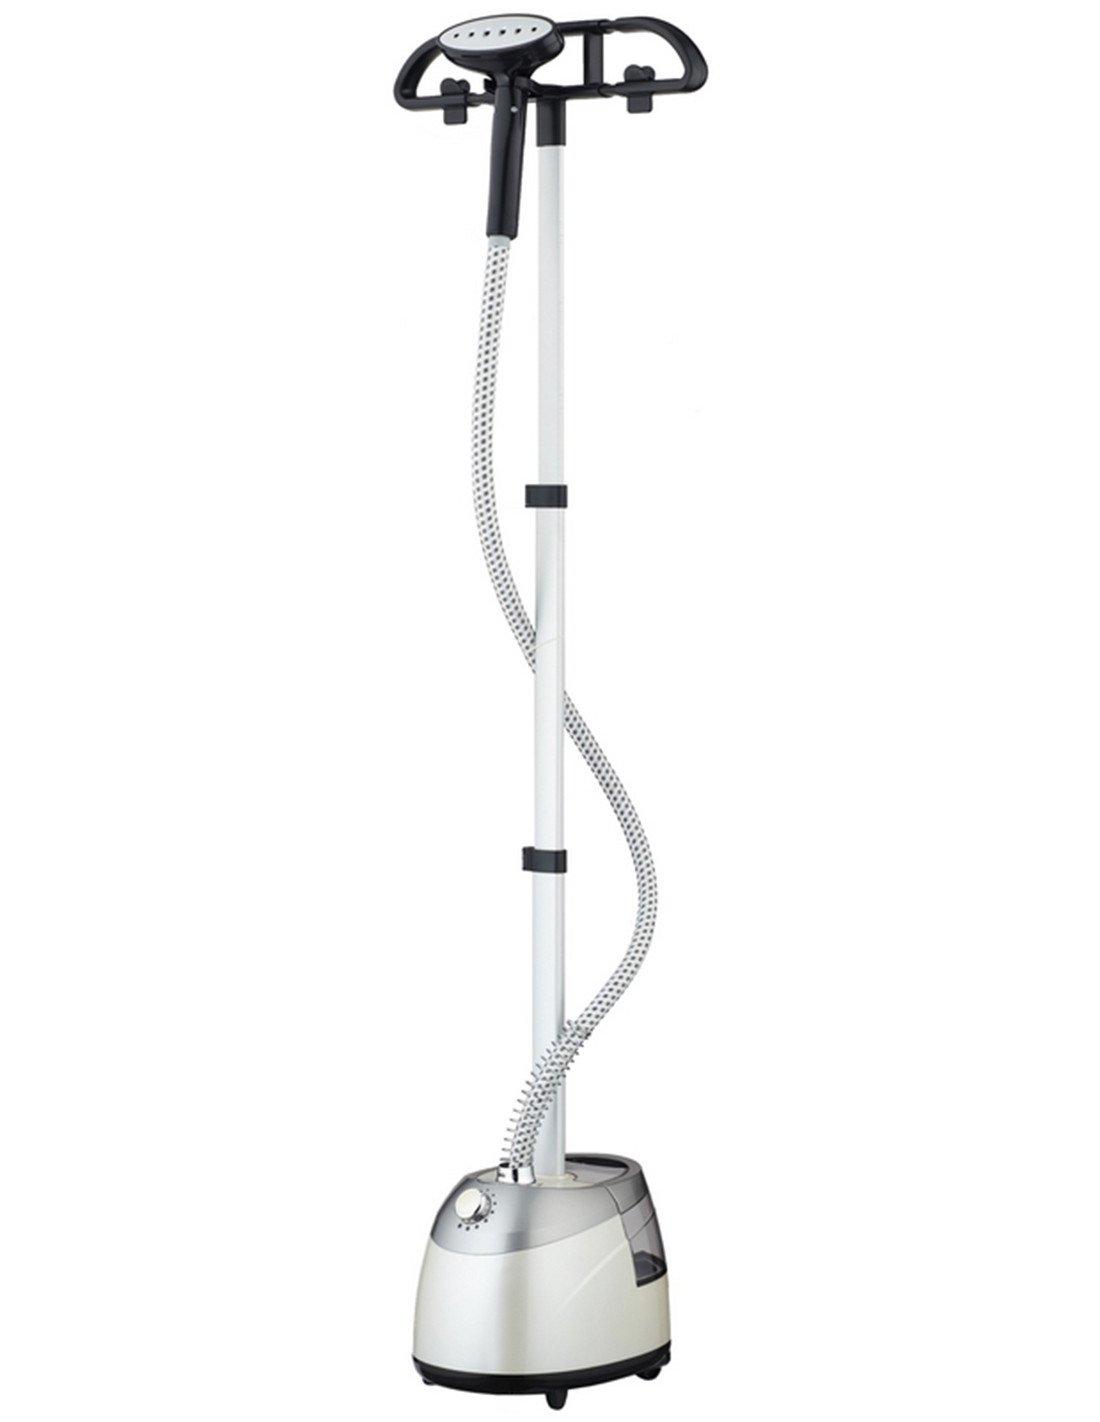 defroisseur vapeur 2000 watts Gecko-Steamer GK07